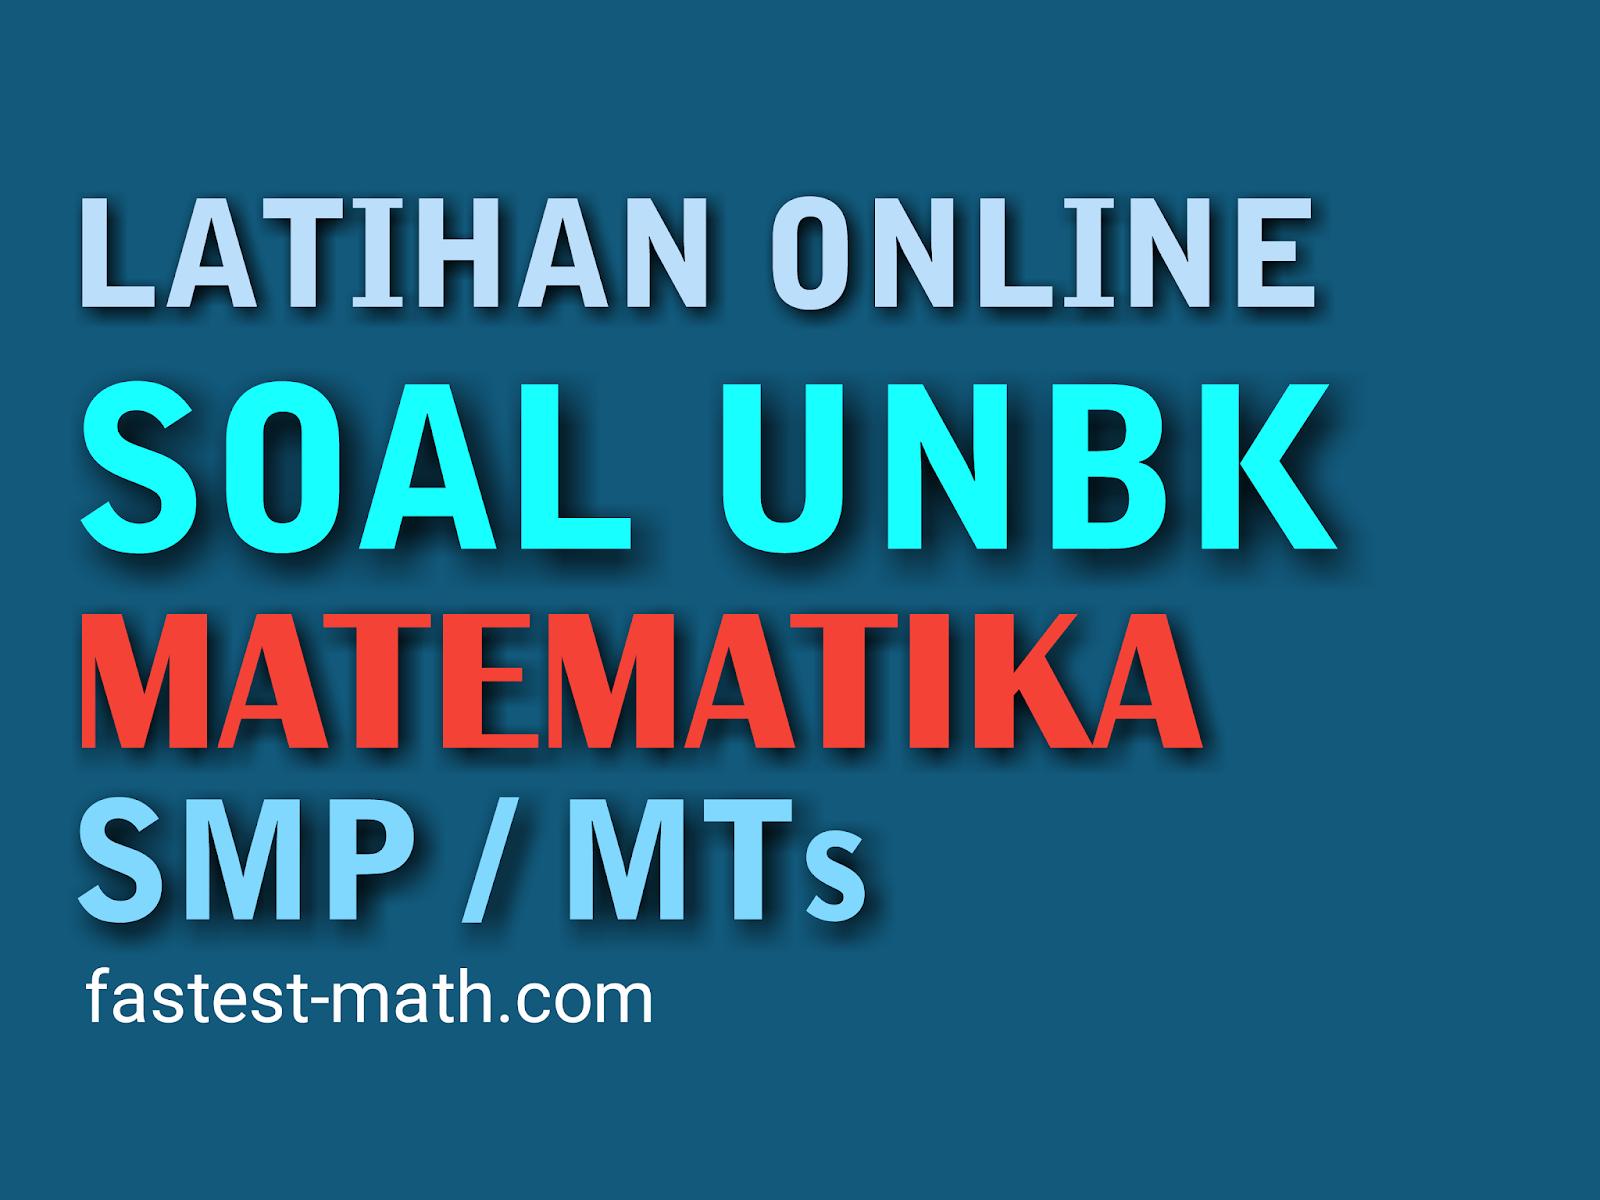 Latihan Soal Unbk Matematika Smp Mts 2020 Latihan Online 1 Fastest Math